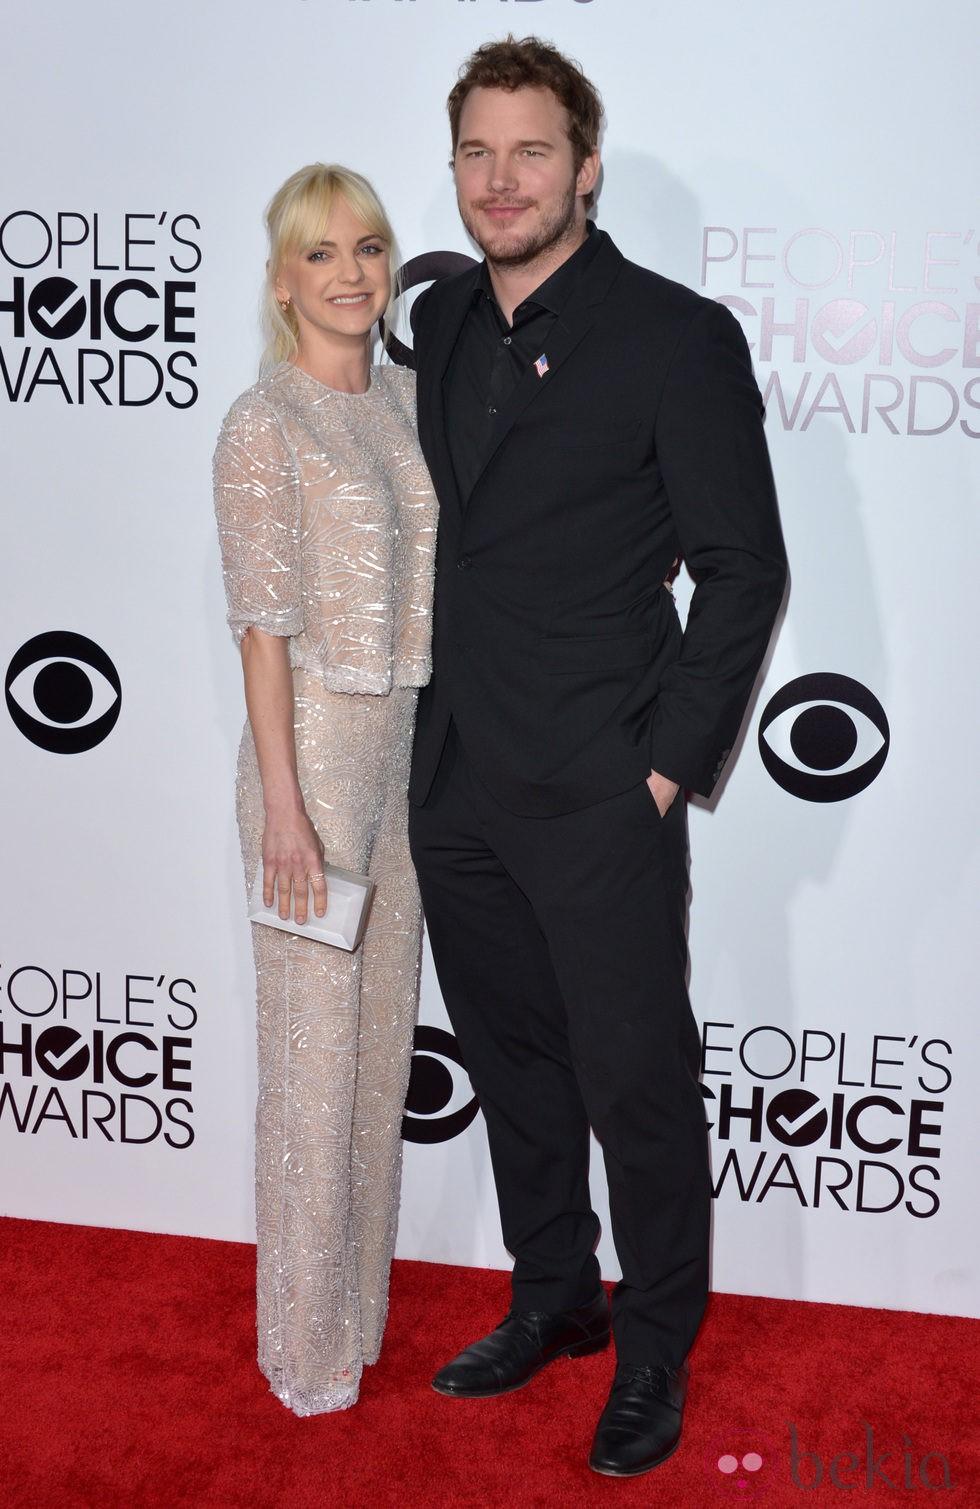 Anna Faris y Chris Pratt en la alfombra roja de los People's Choice Awards 2014